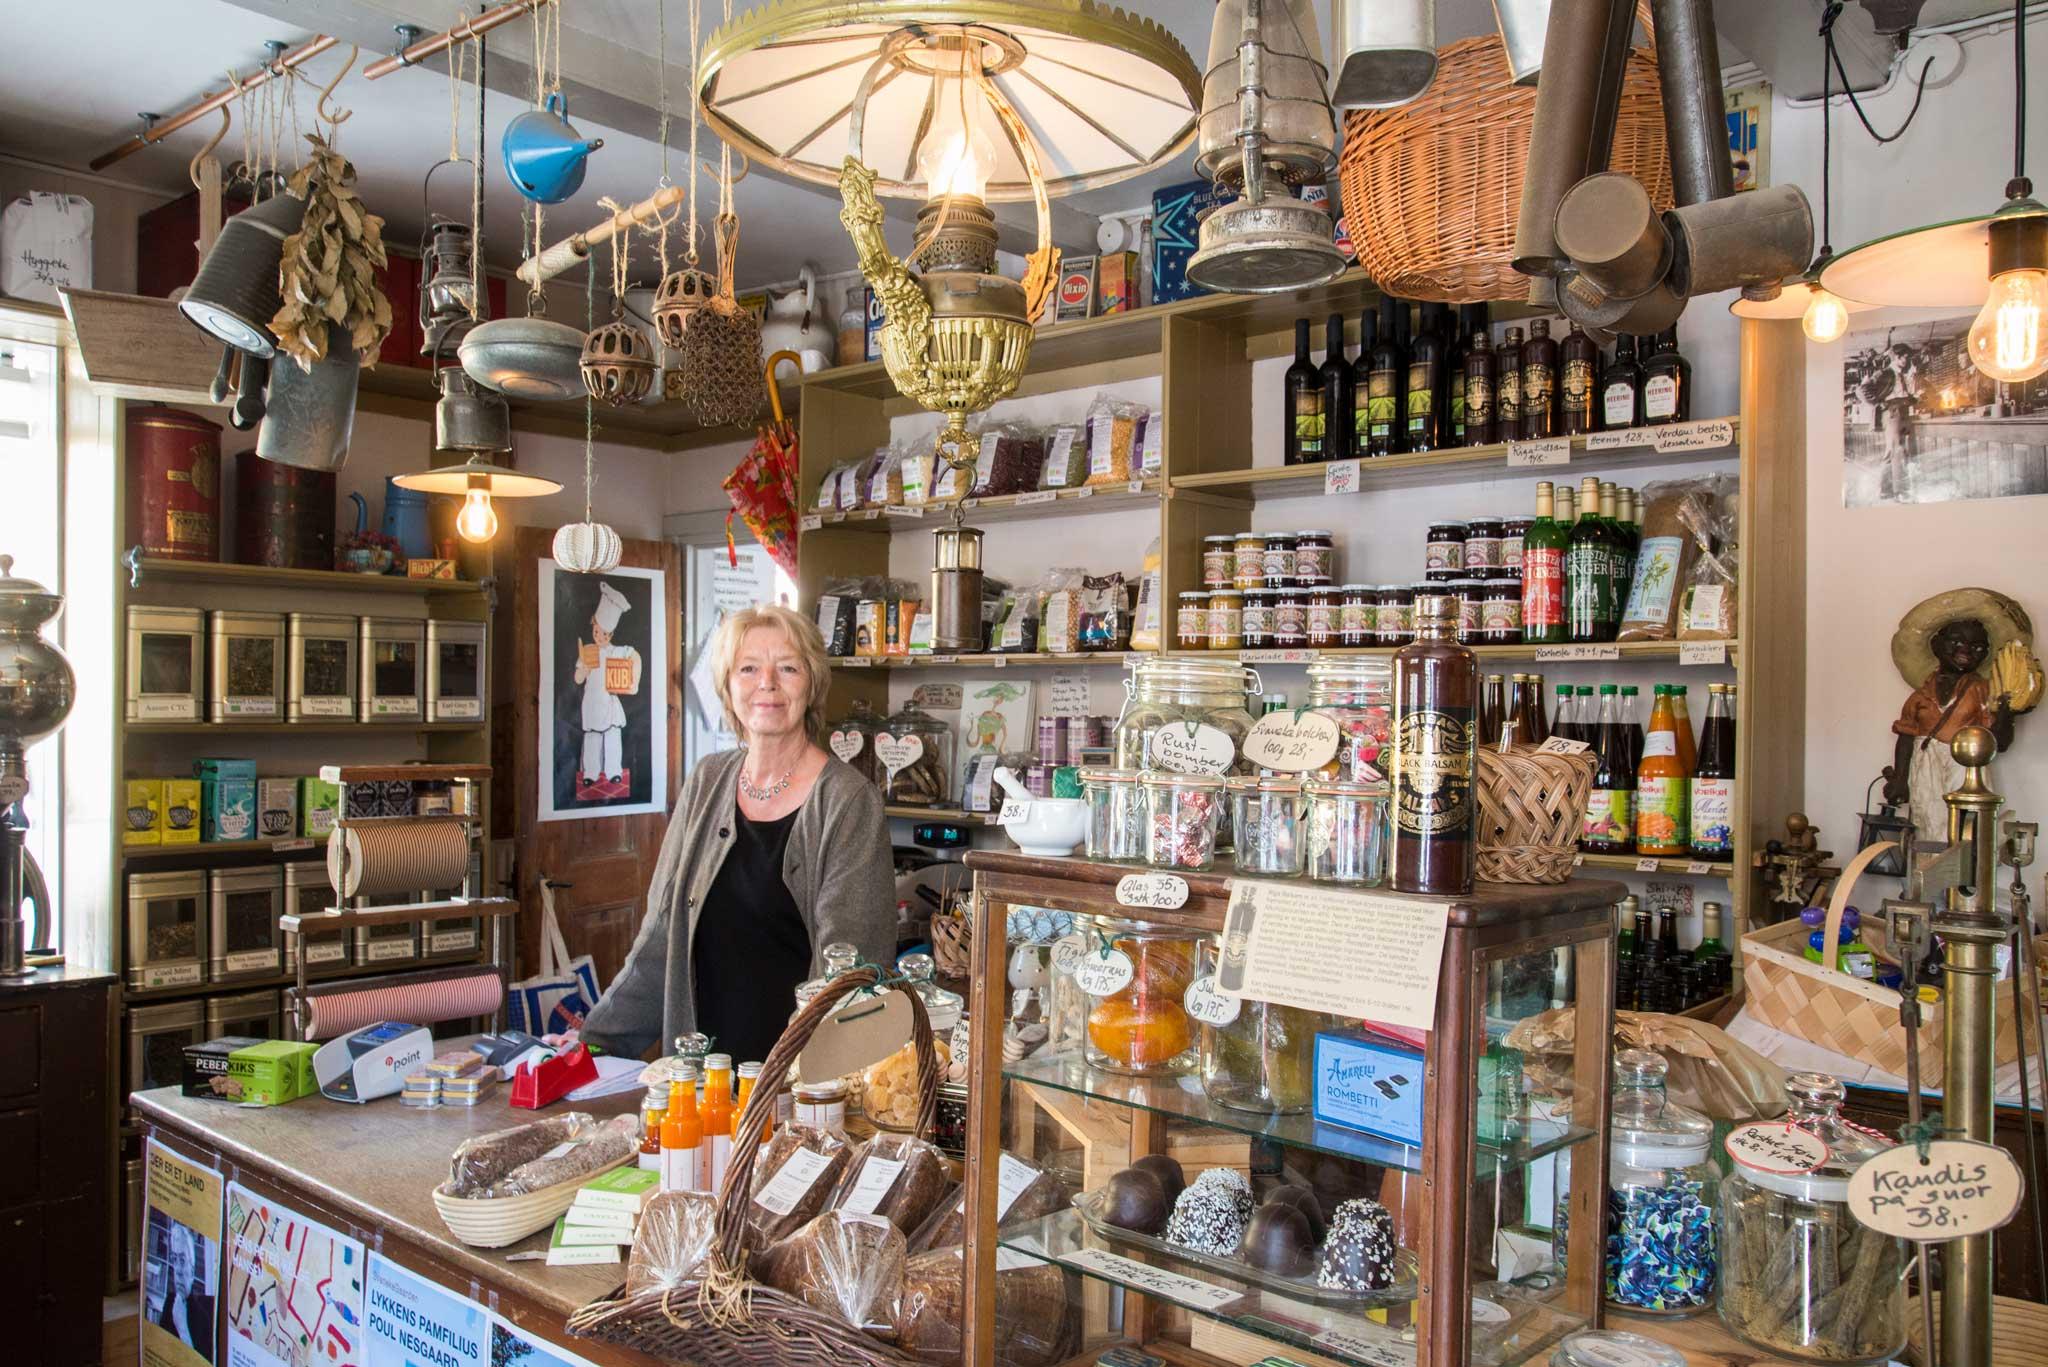 """Svaneke er kåret til """"Danmarks Smukkeste Køpstad"""" Byen er full av små assorterte butikker med hyggelig betjening."""